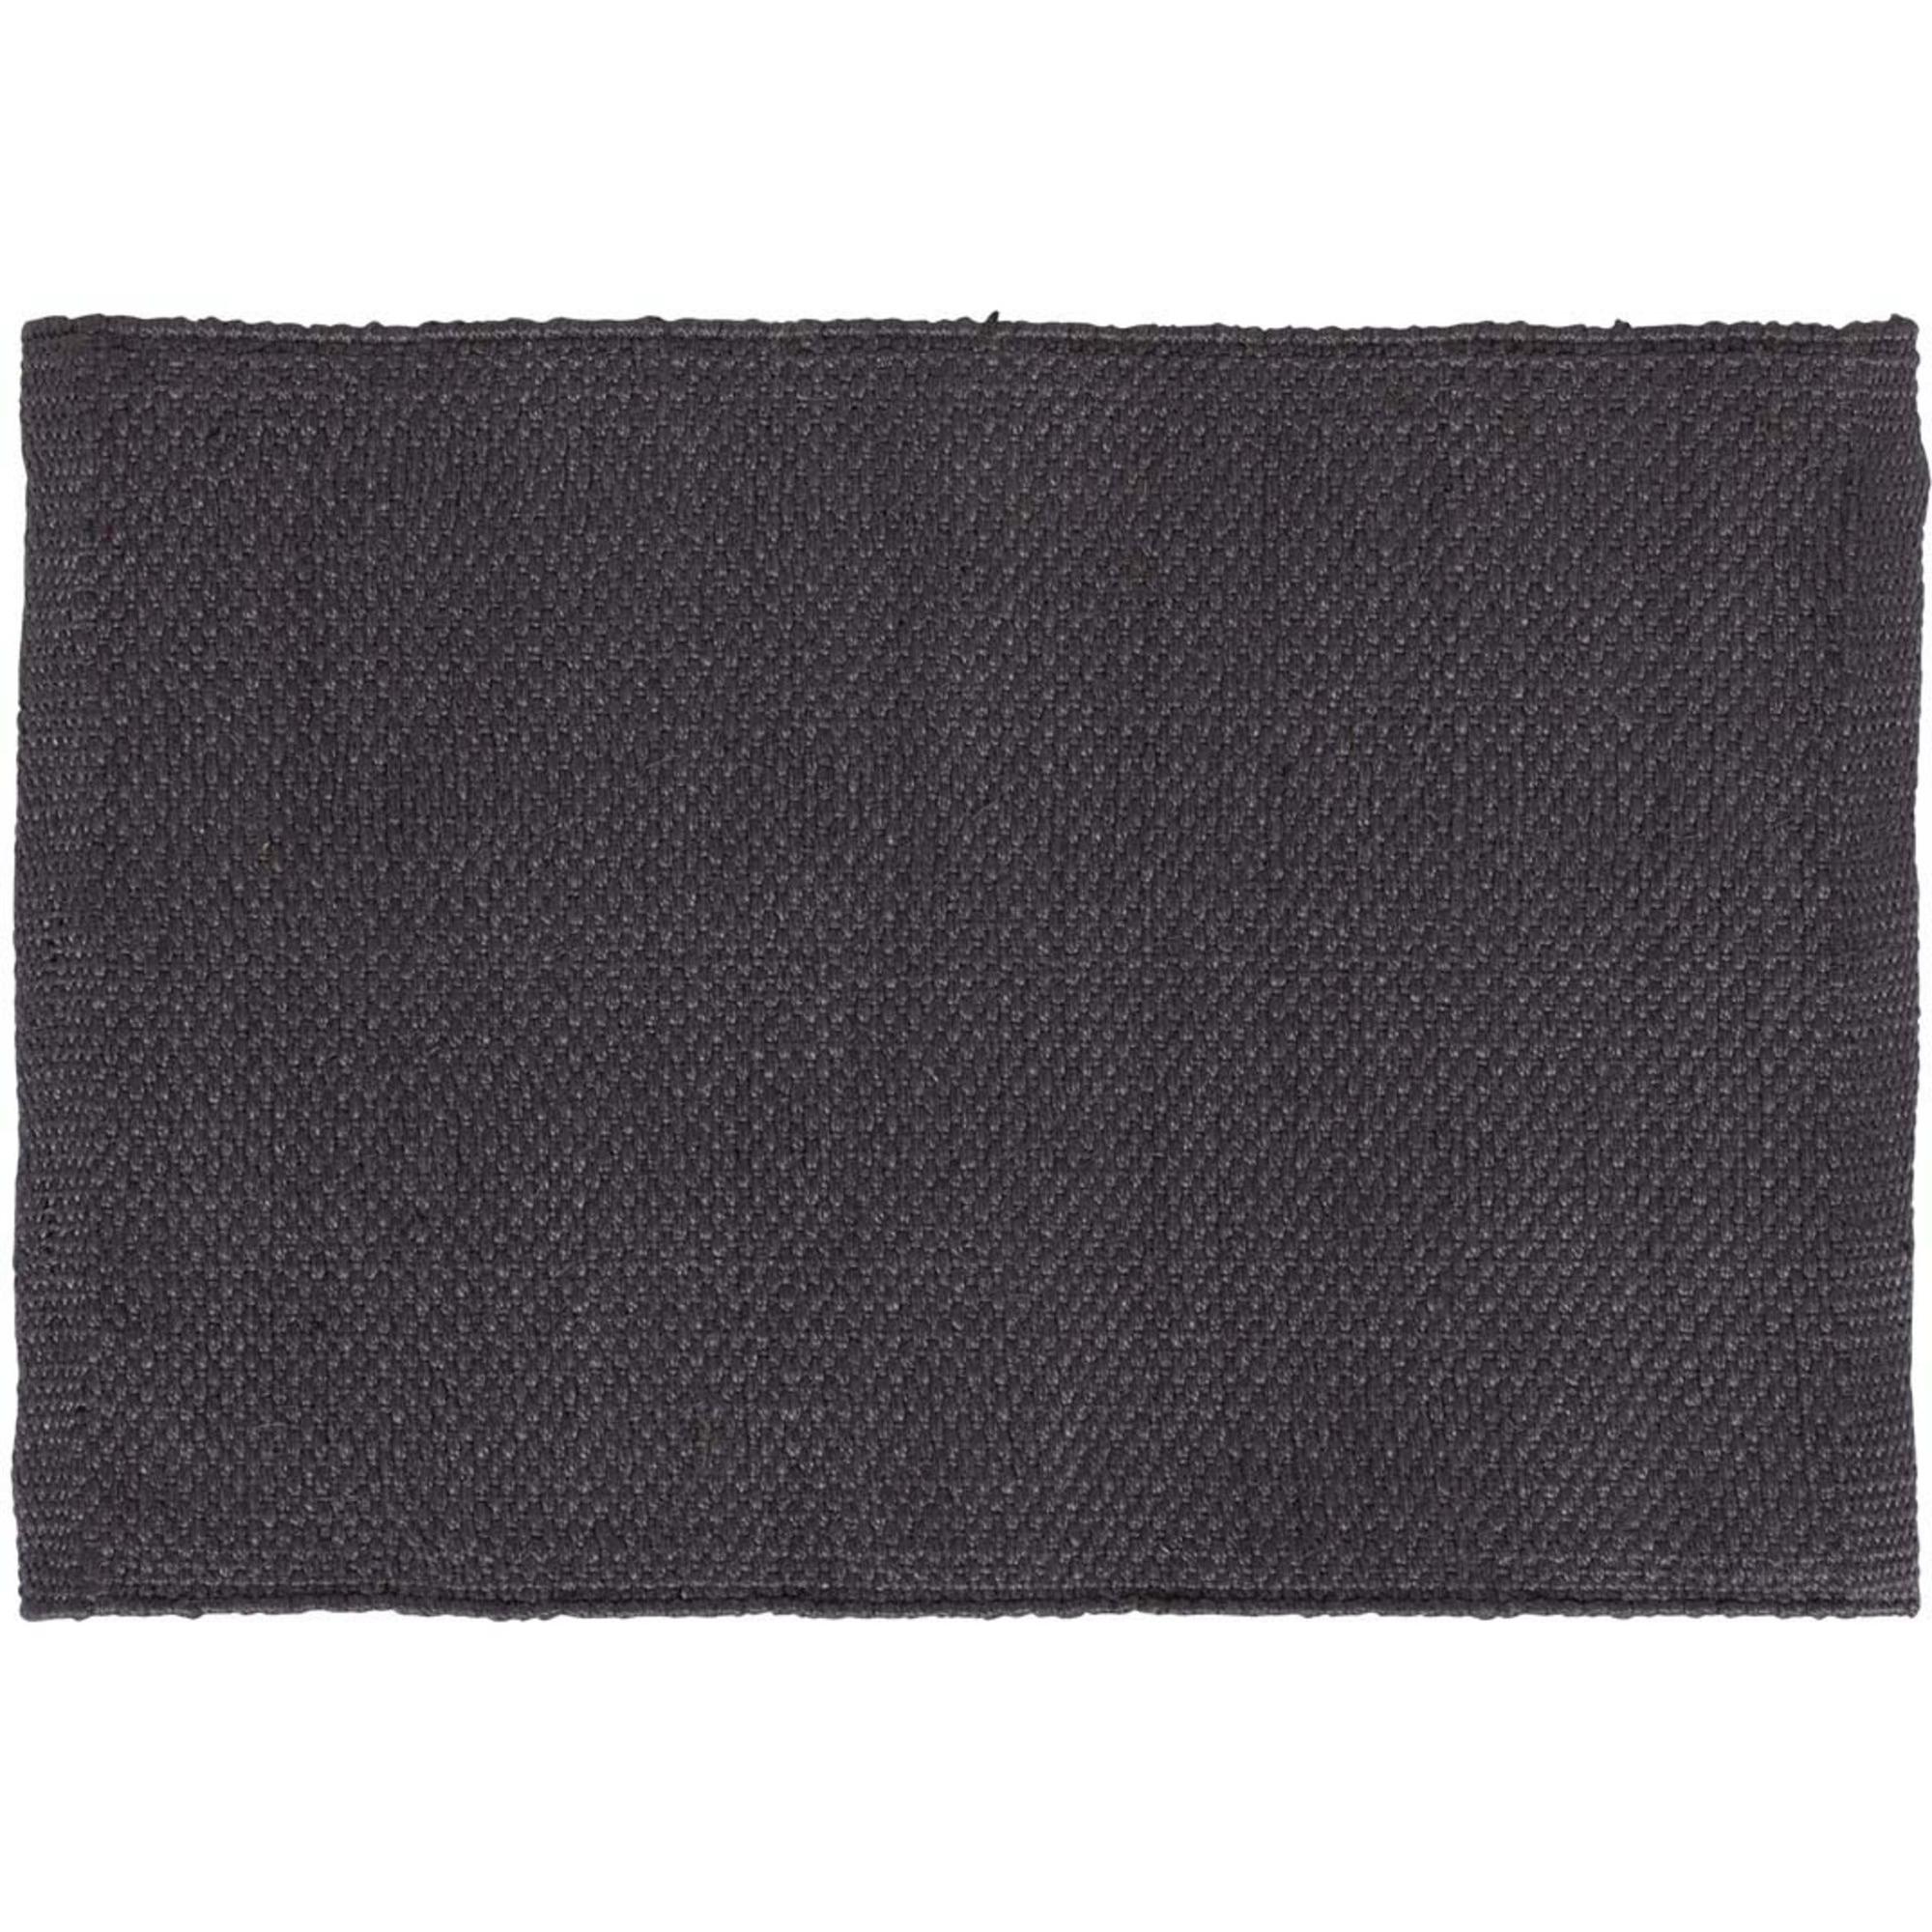 Södahl Bordstablett 33×48 Rustic grå